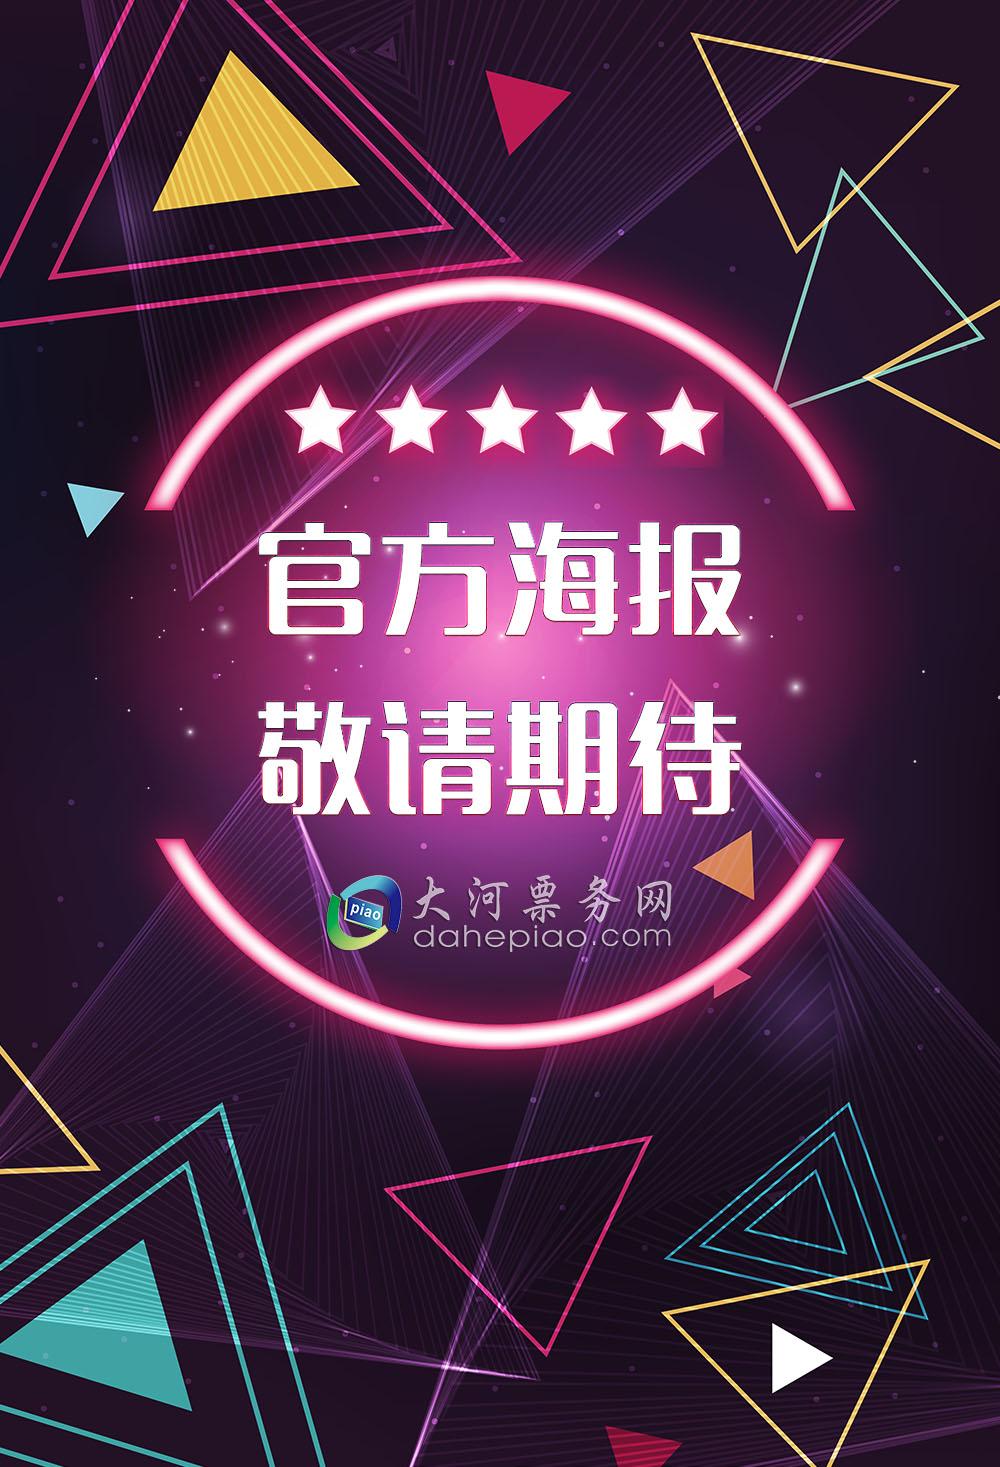 周笔畅深圳演唱会